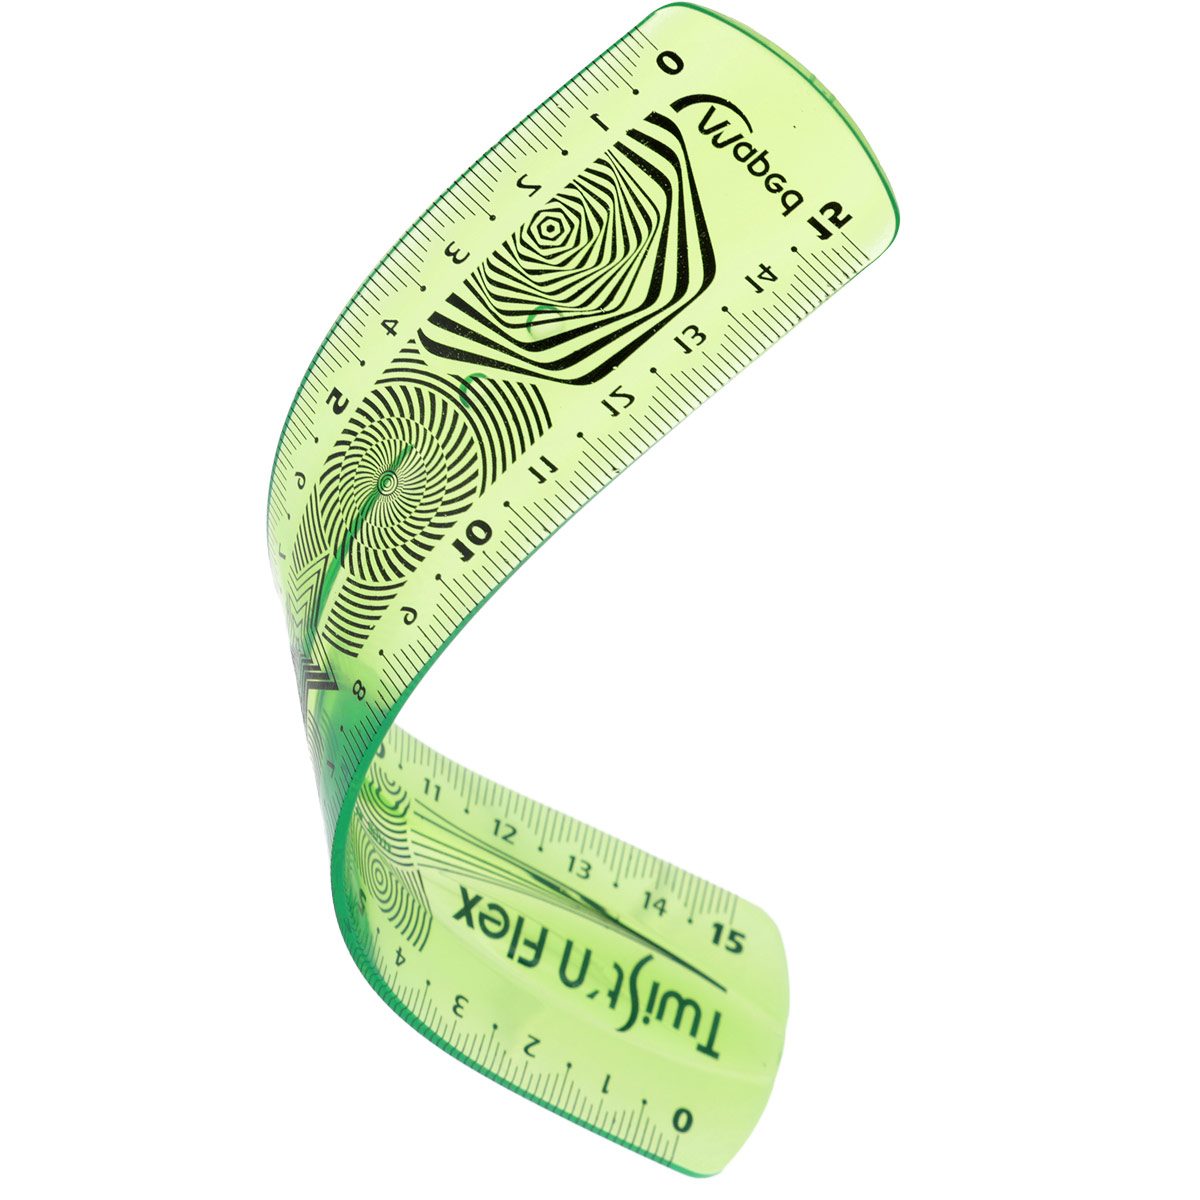 Линейка Maped Twistnflex, гибкая, цвет: зеленый, 15 см279110 зеленыйЛинейка Maped Twistnflex - это неломающаяся линейка, которую можно сгибать и скручивать неограниченное количество раз. После непродолжительного времени принимает первоначальную форму и не деформируется. Можно использовать как антистресс.